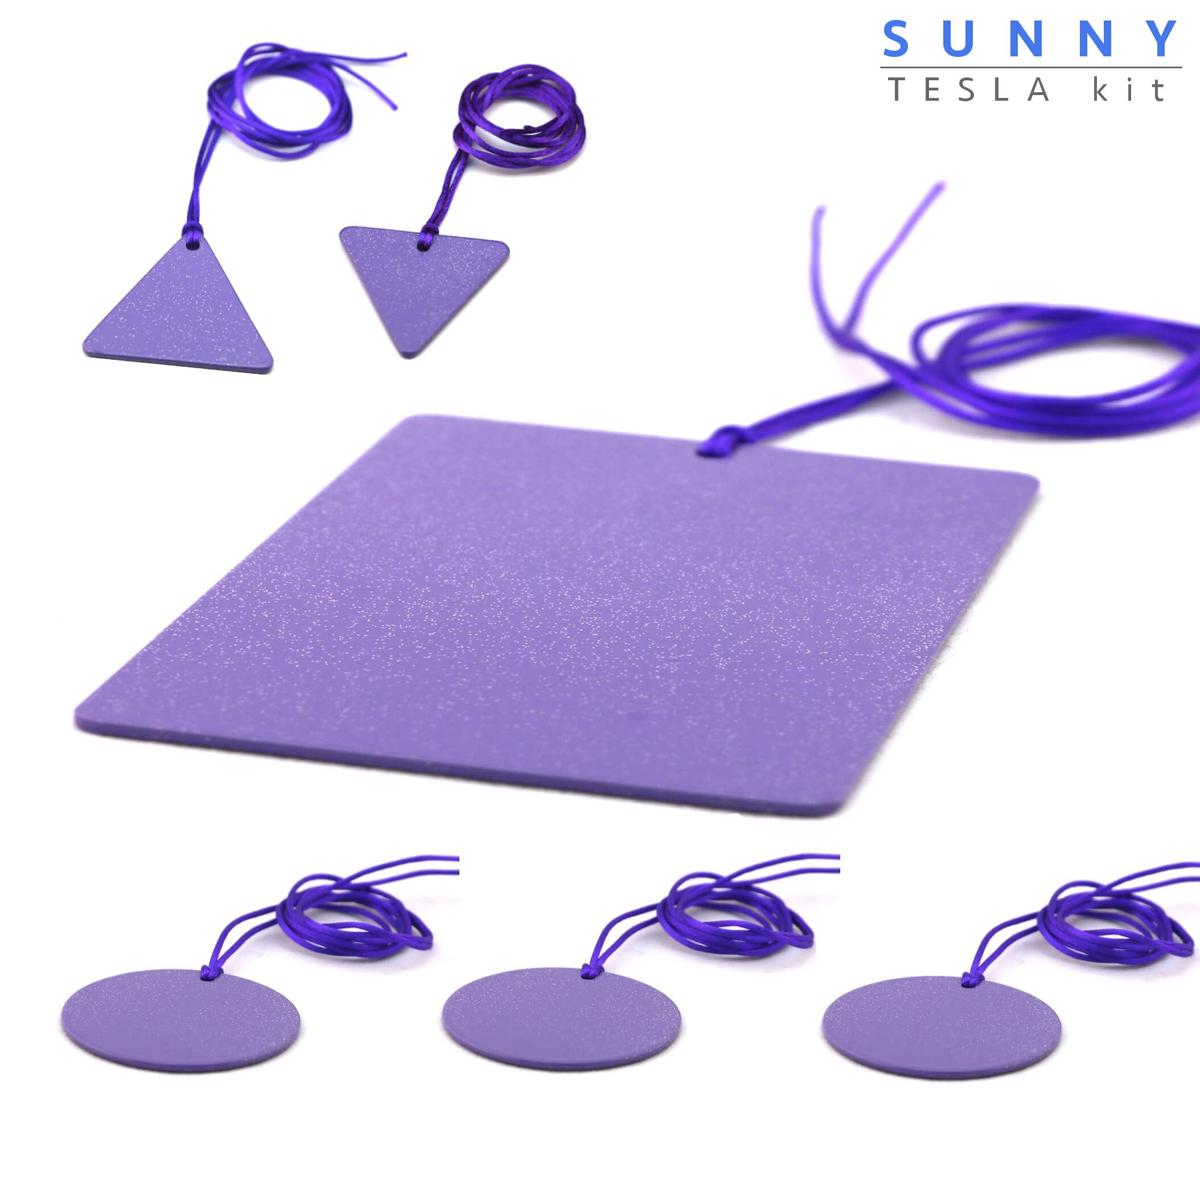 Piastre Di Tesla Funzionano sunny piastre di tesla purpuree - kit famiglia